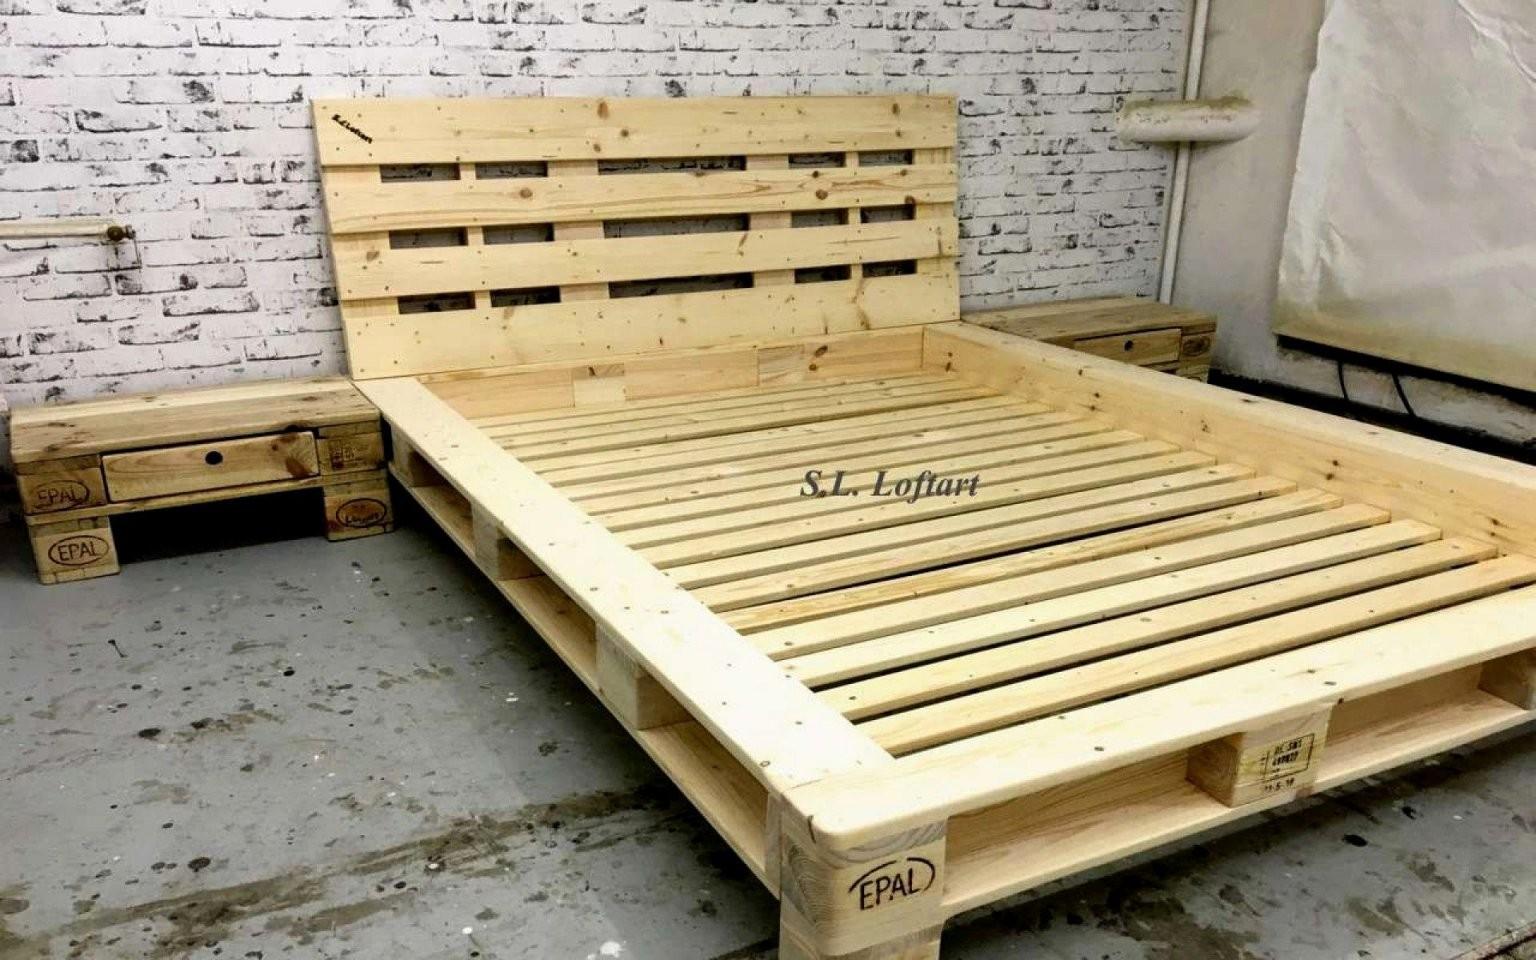 016 Bett Ideen Palettenbett Bauen 140X200 Mit Lattenrost Das Beste von Europaletten Bett Bauen 140X200 Bild